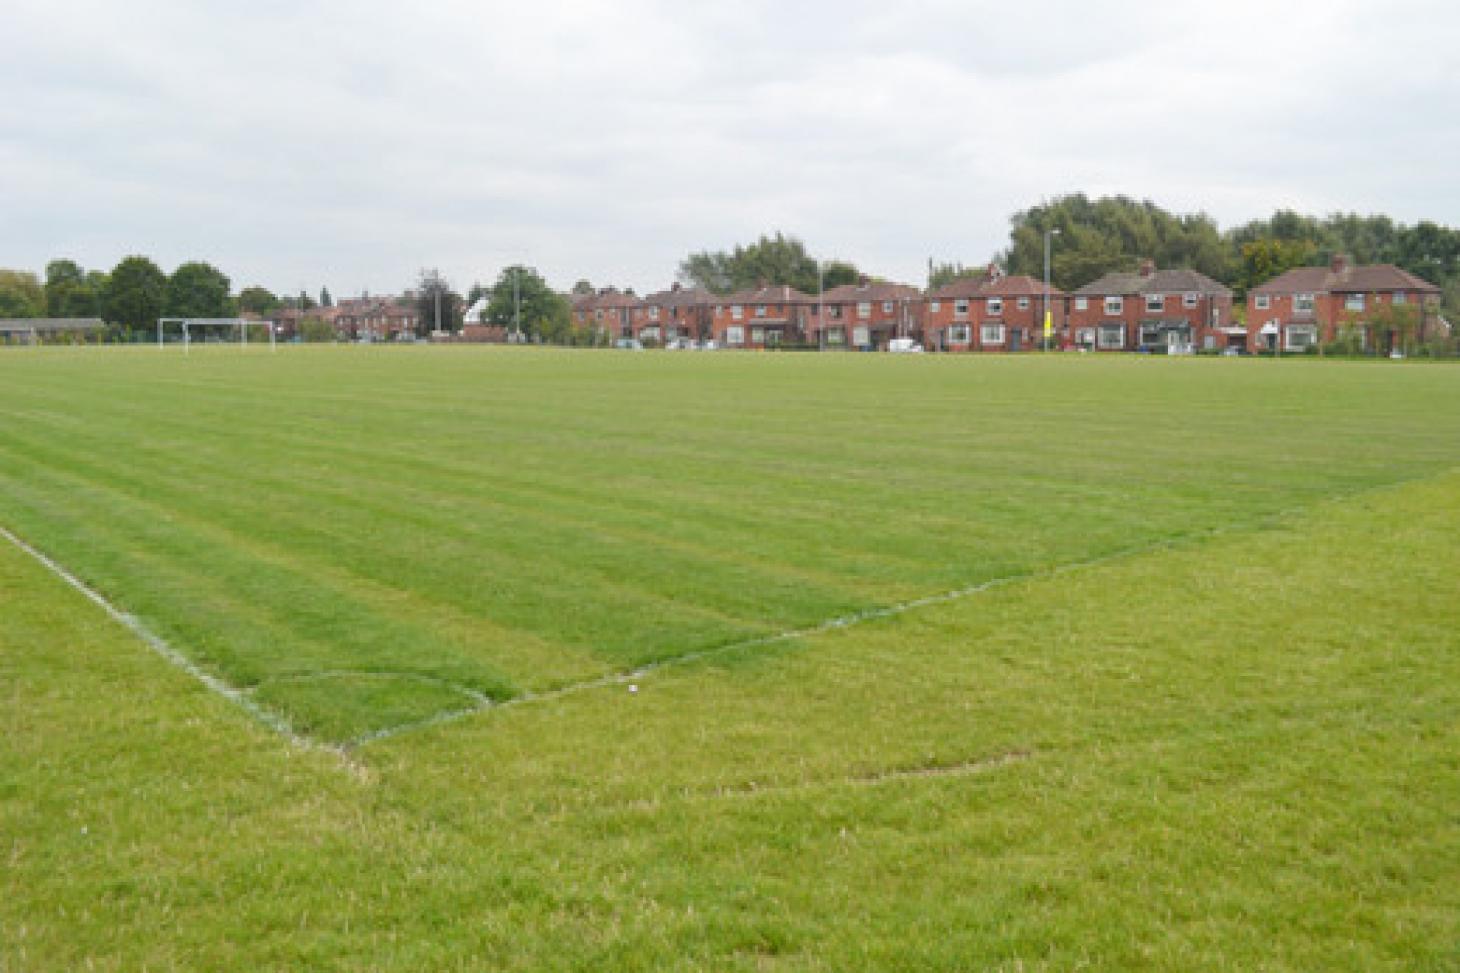 Droylsden Academy 11 a side | Grass football pitch